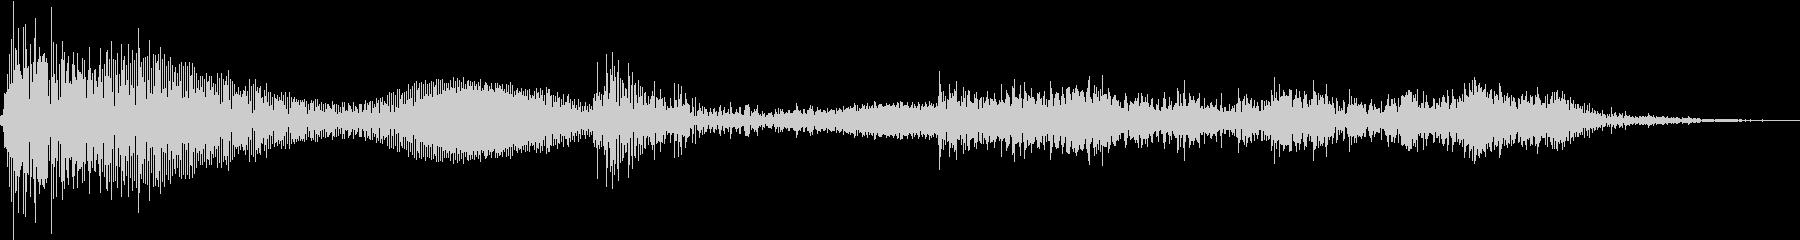 テレンッ(機械的な決定音)の未再生の波形